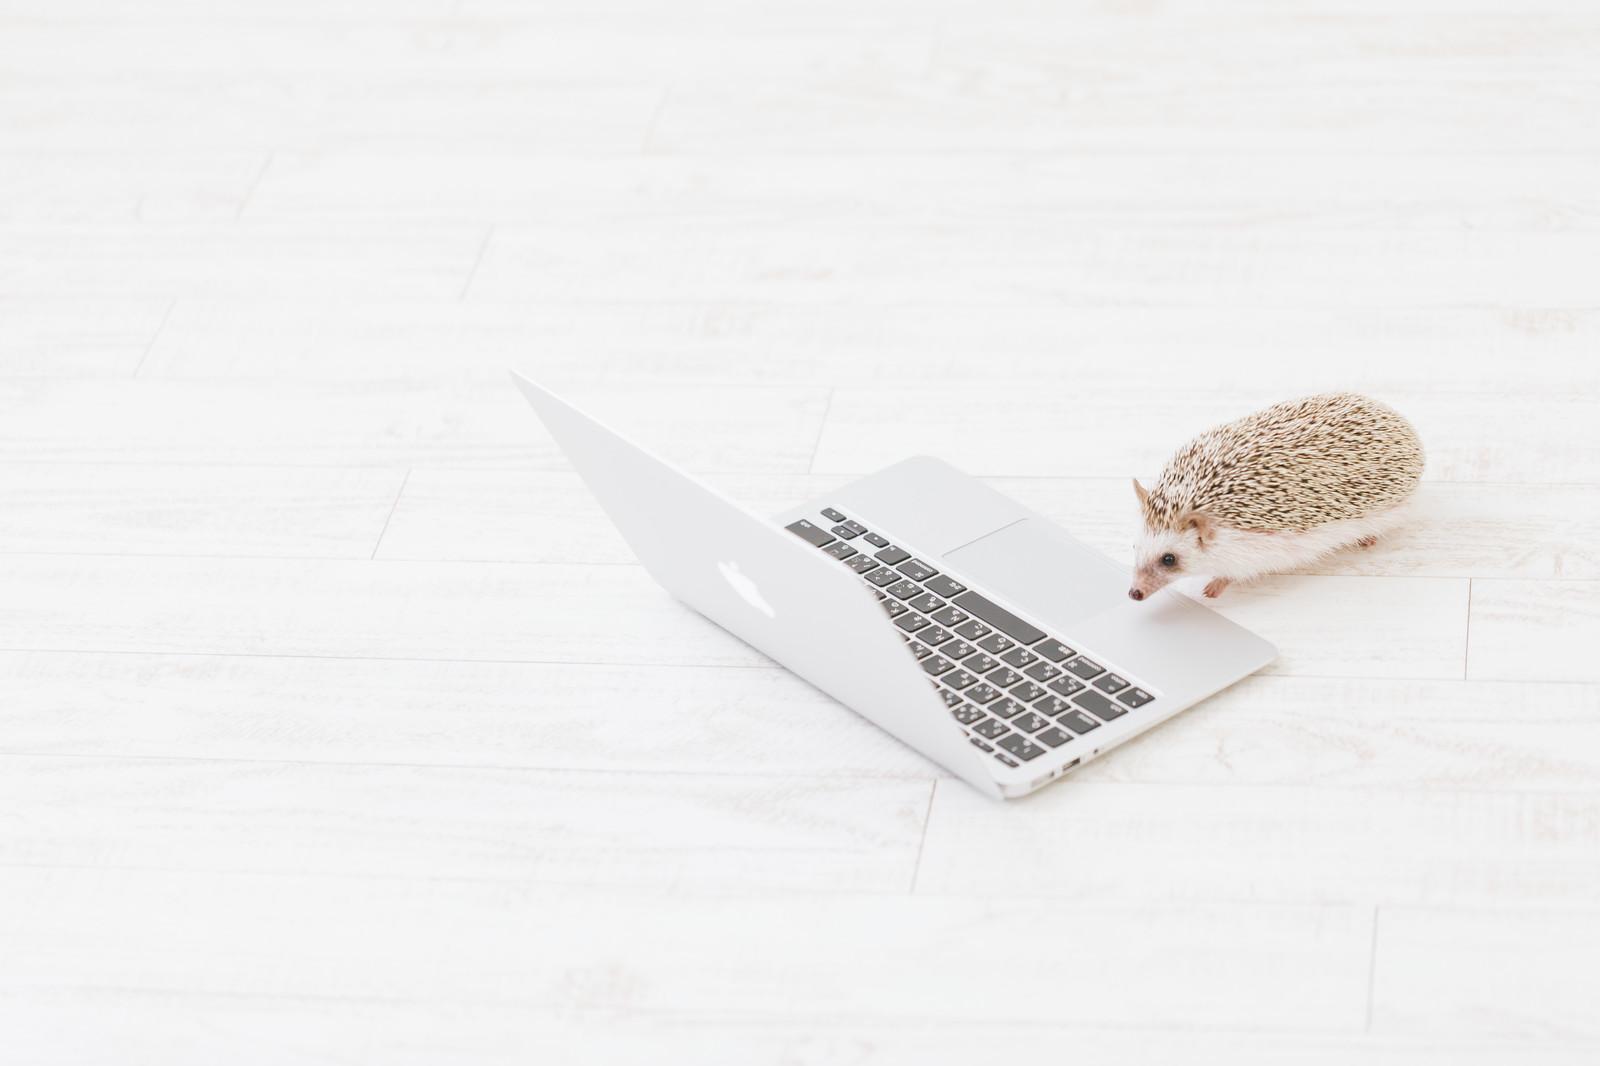 パソコンとハリネズミ